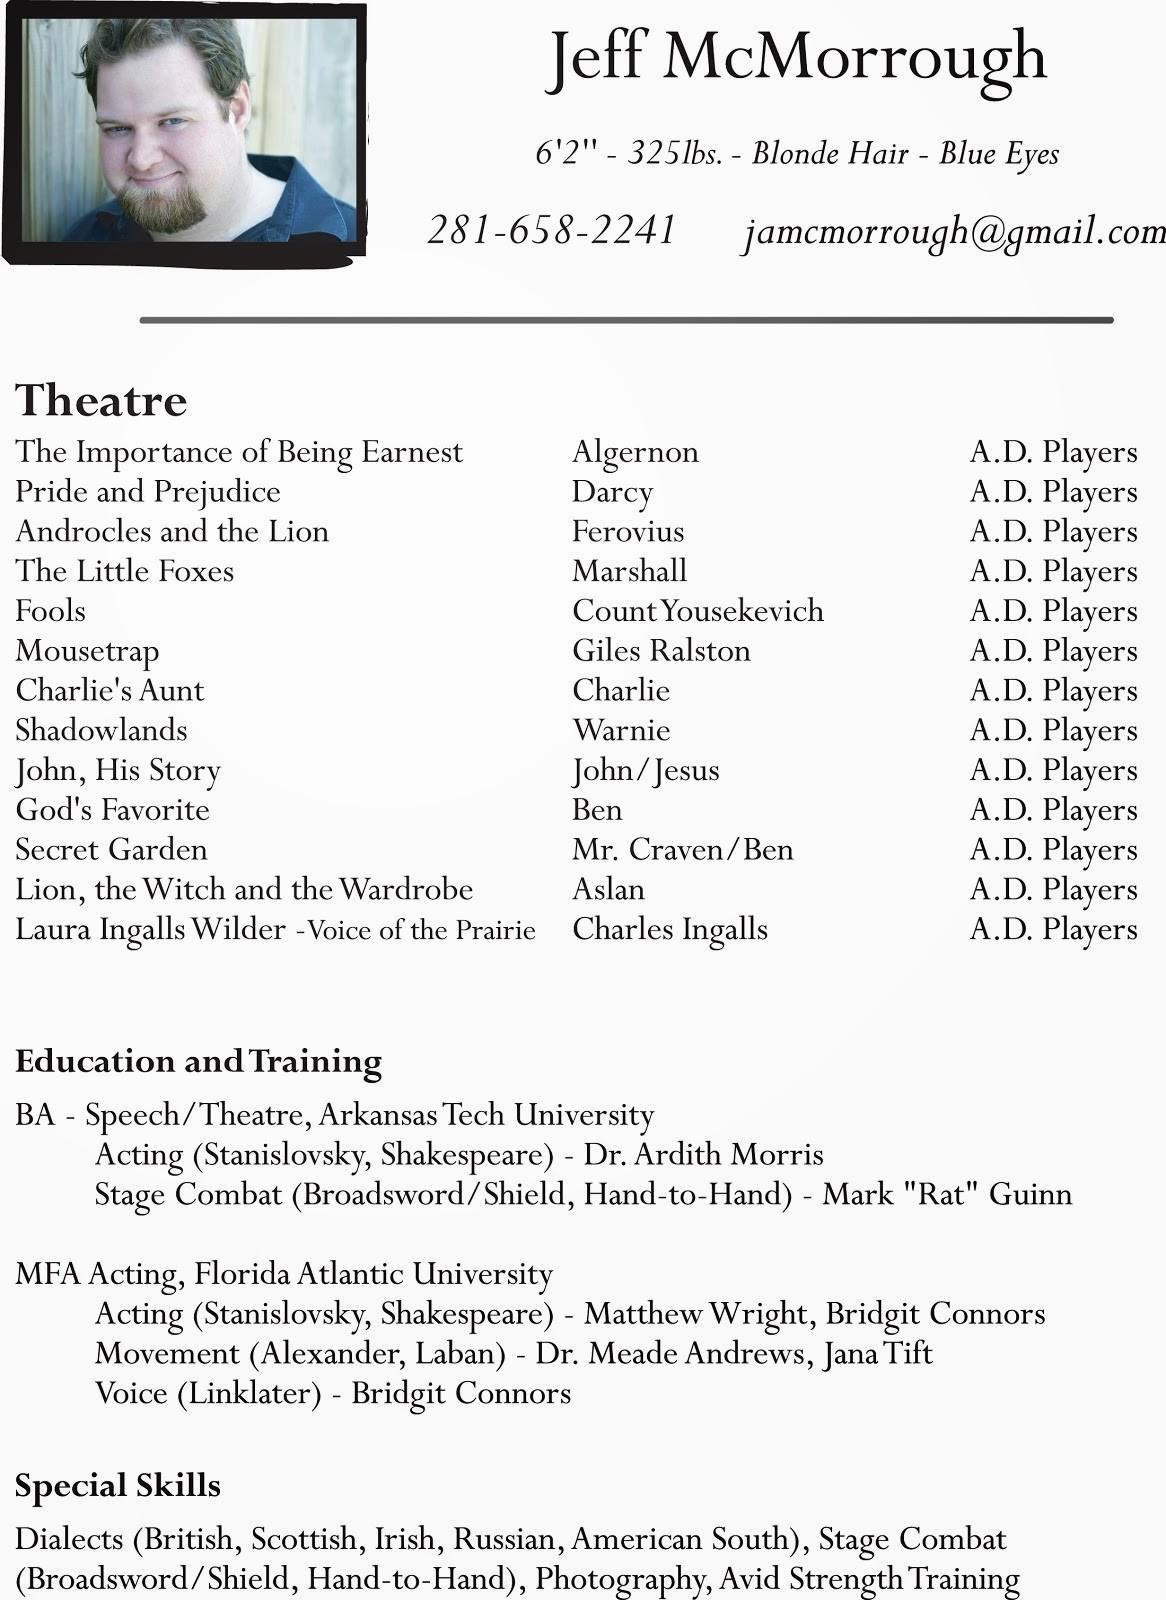 kid actor resume template  talent star: Acting Resume Actor Beginner Kids Theatre ..